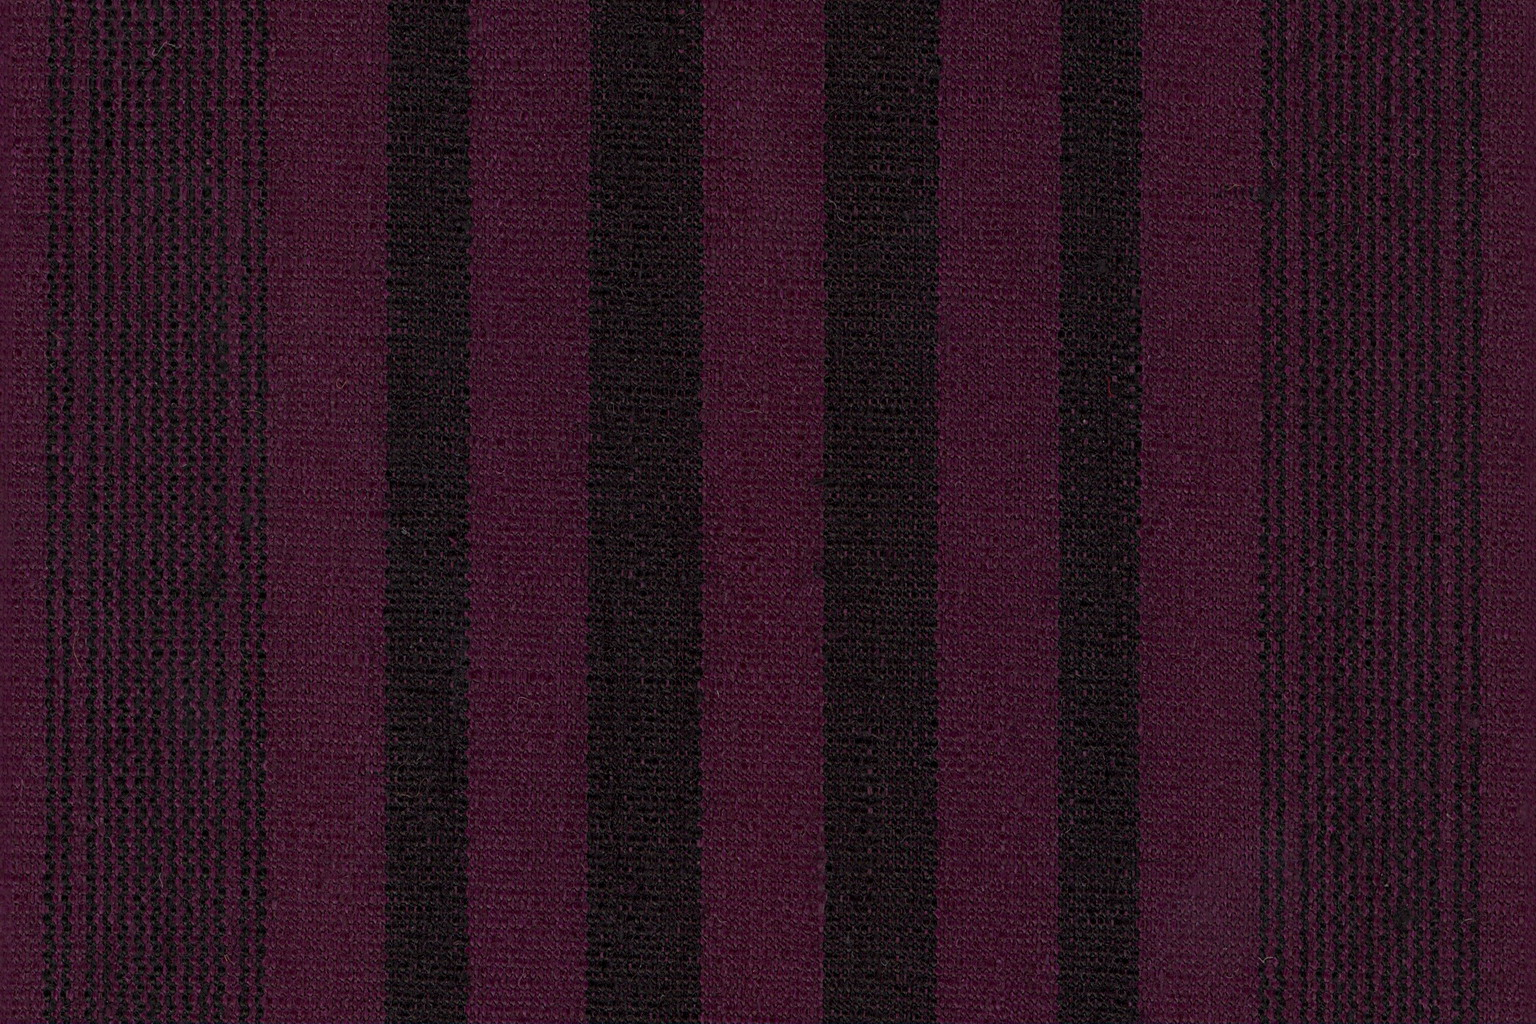 TORINO RIGATO WAX Plum-Black Striped